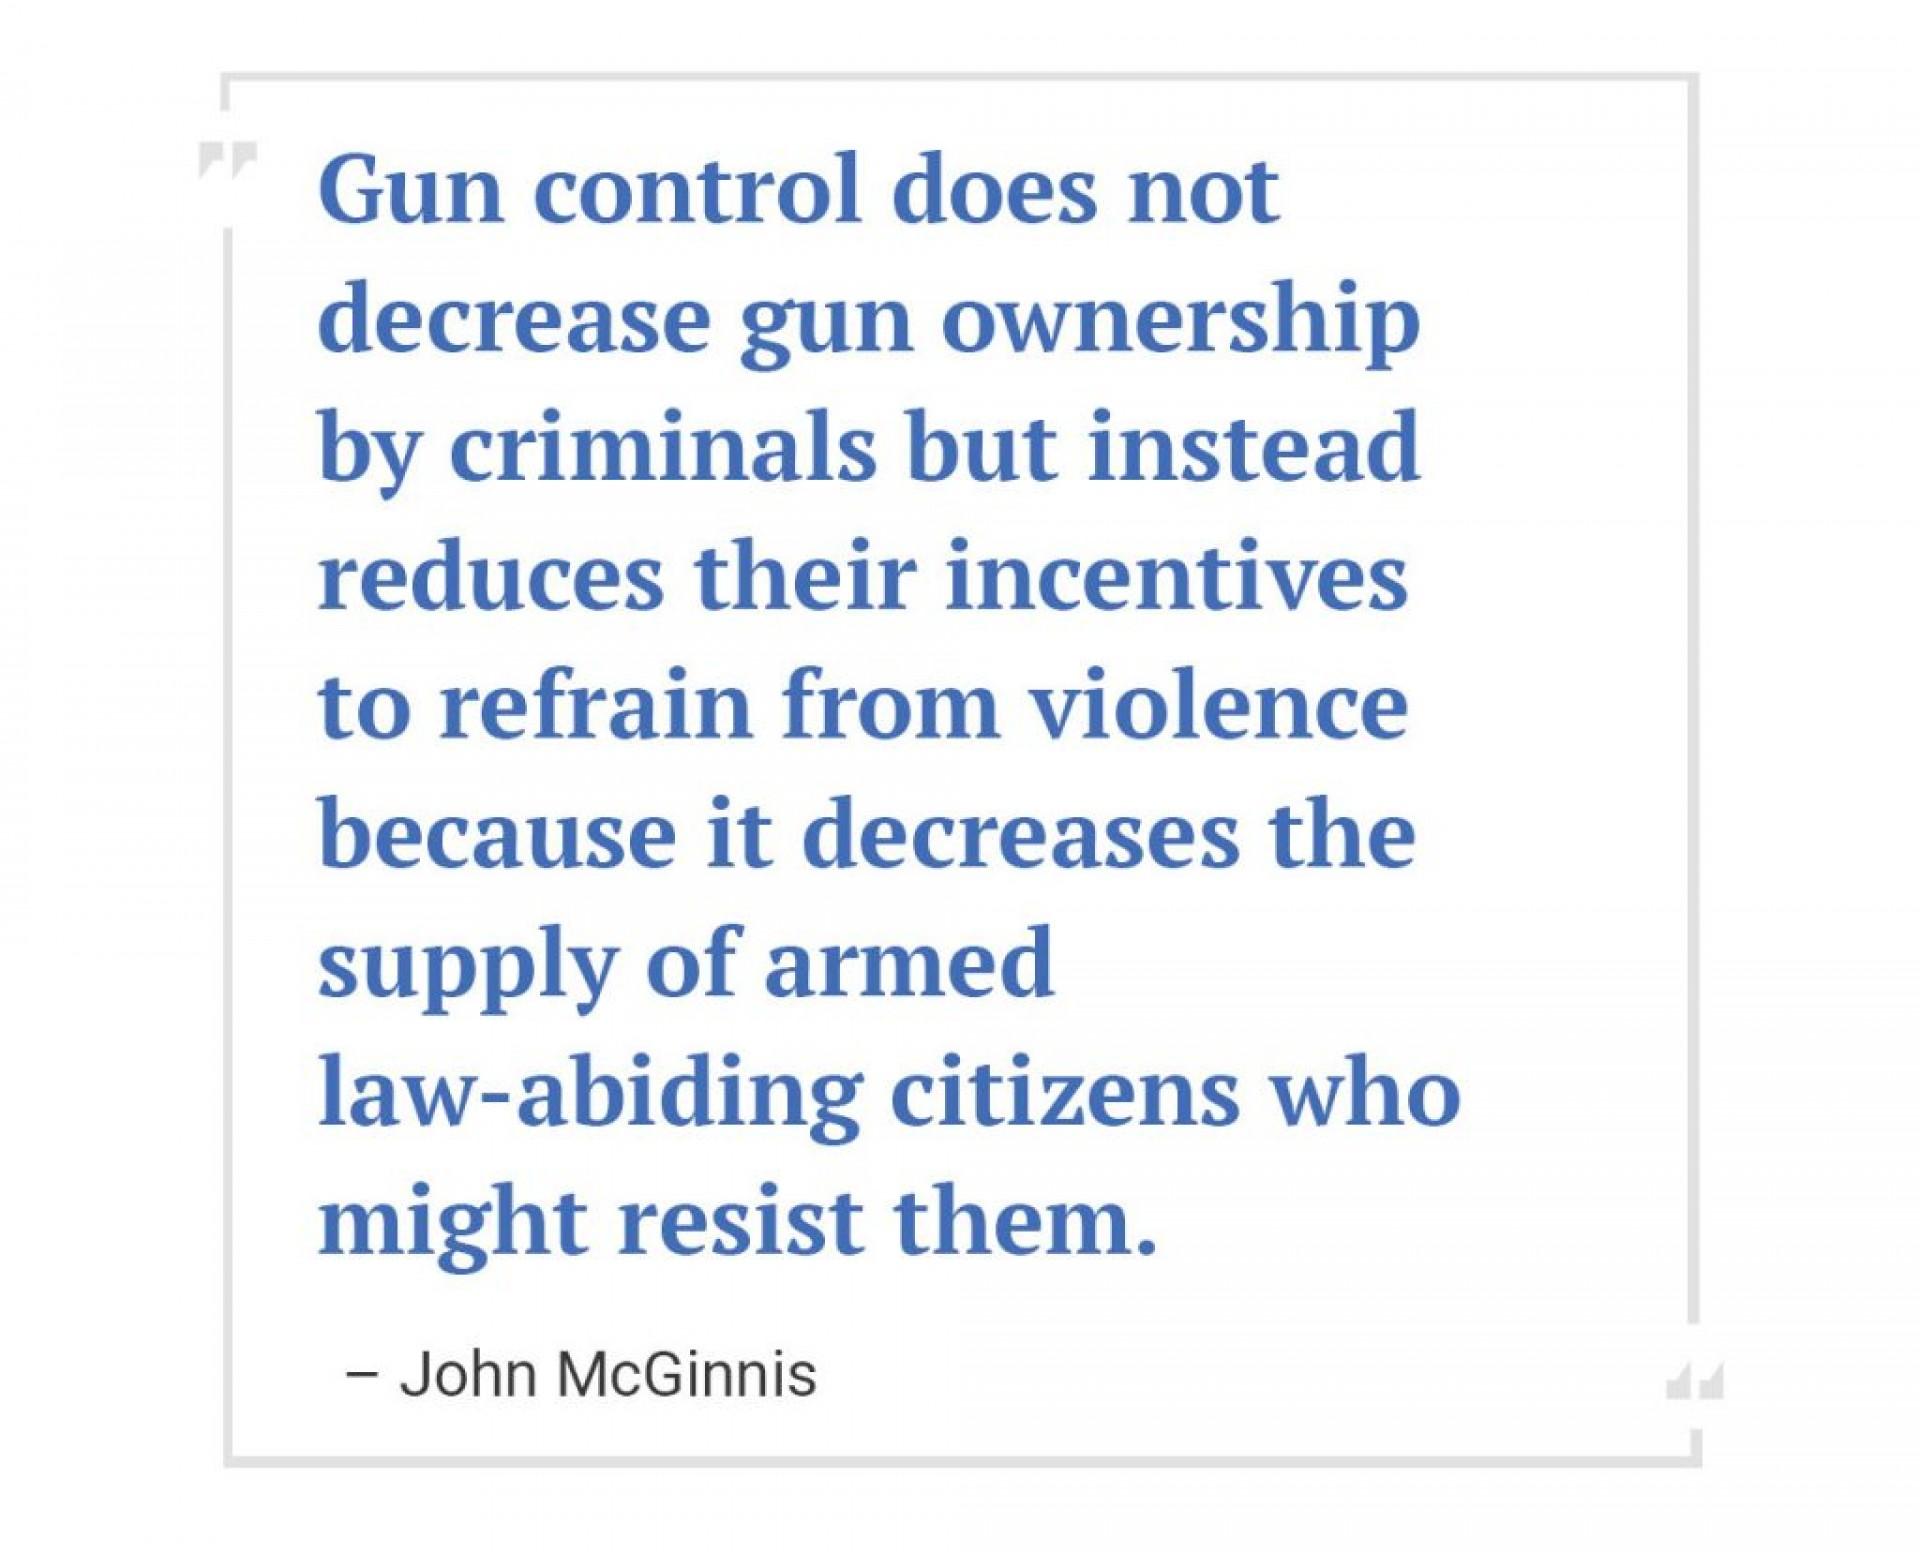 005 John Mcginnis 1024x828 Gun Control Persuasive Essay Fantastic Argumentative Questions Outline Topics 1920